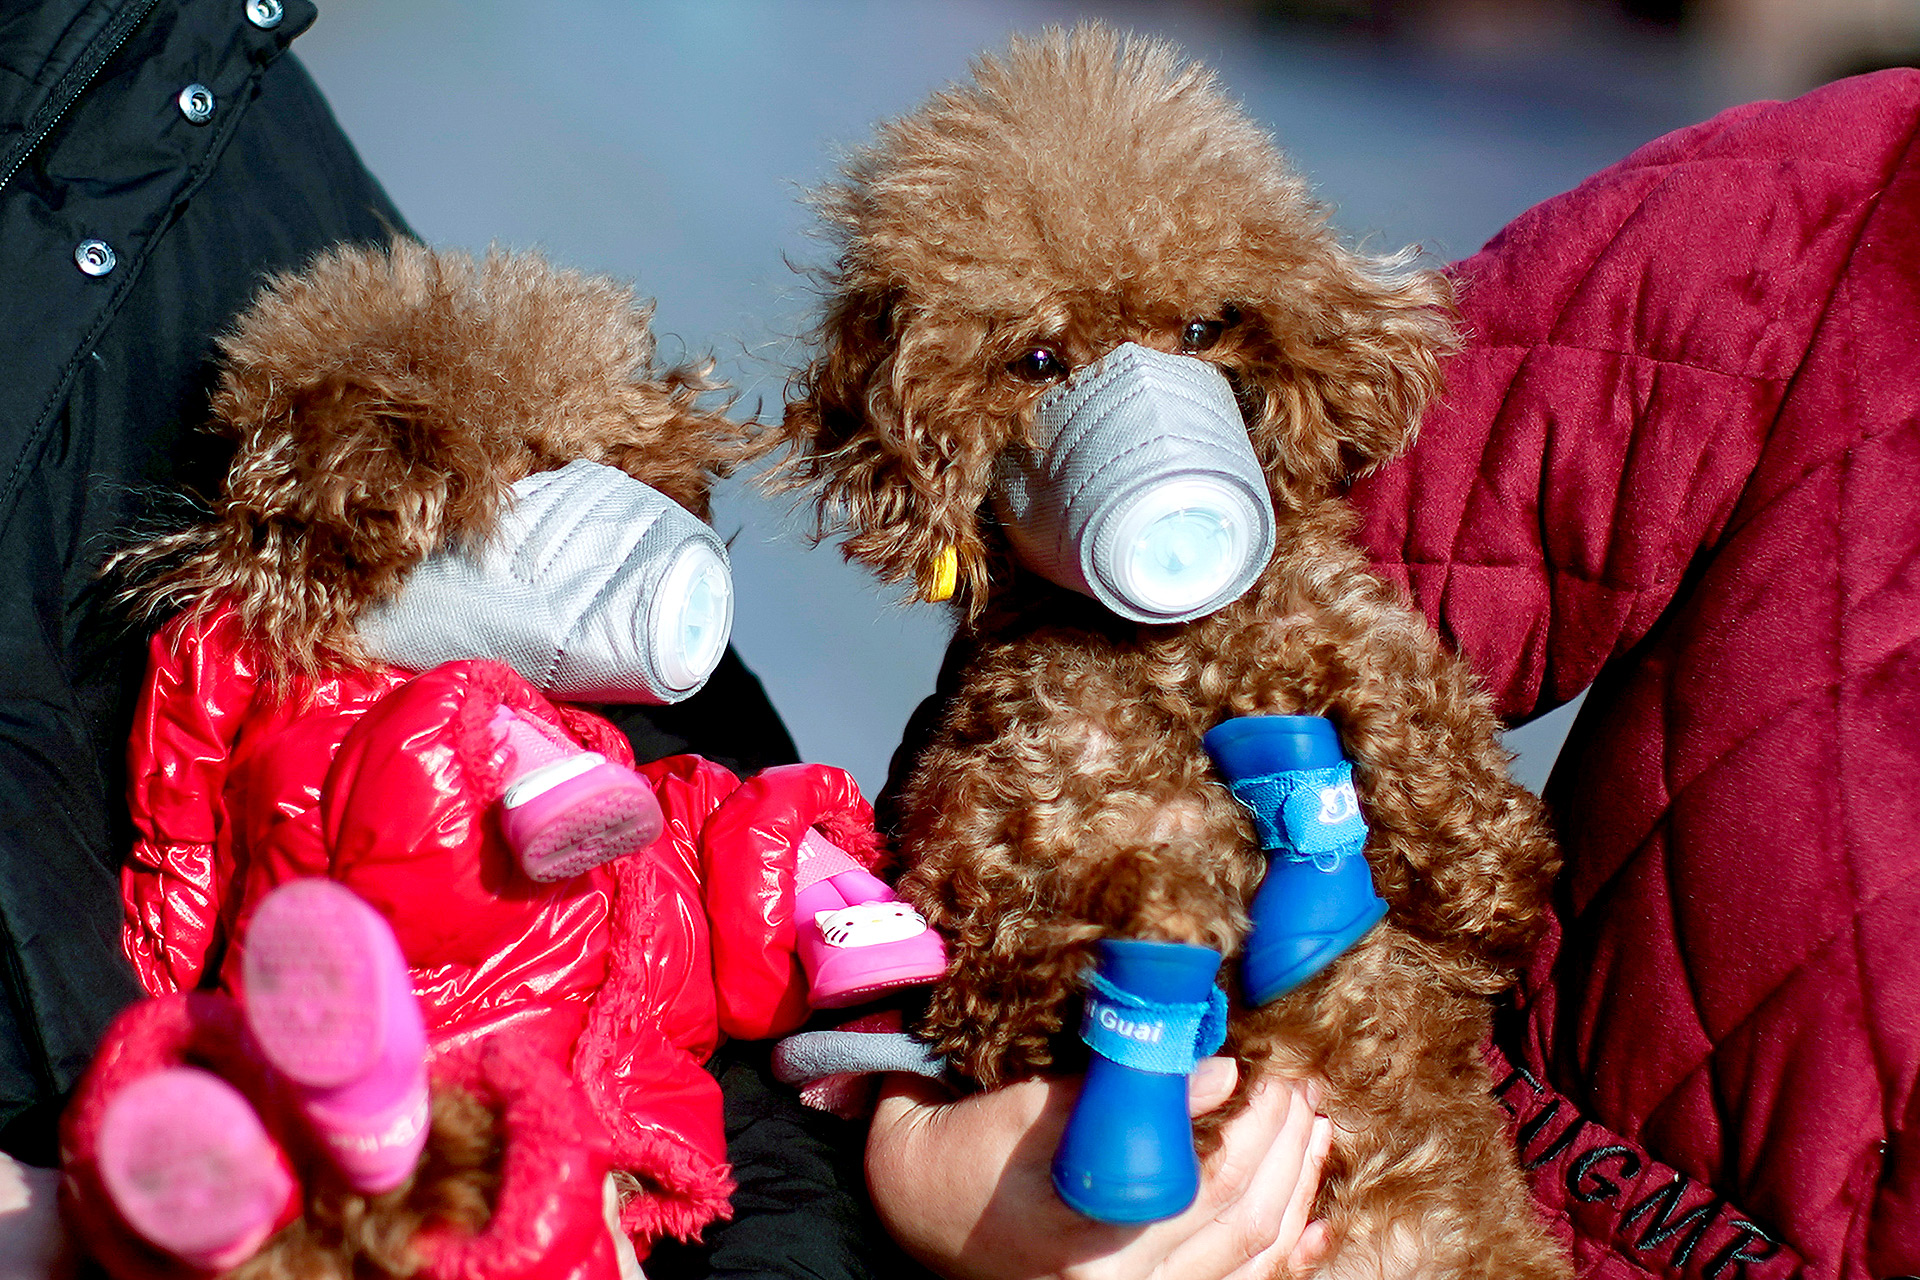 Los perros con máscaras son vistos en una zona comercial en el centro de Shanghai, China; la gente busca recursos para proteger a sus mascotas (REUTERS / Aly Song)